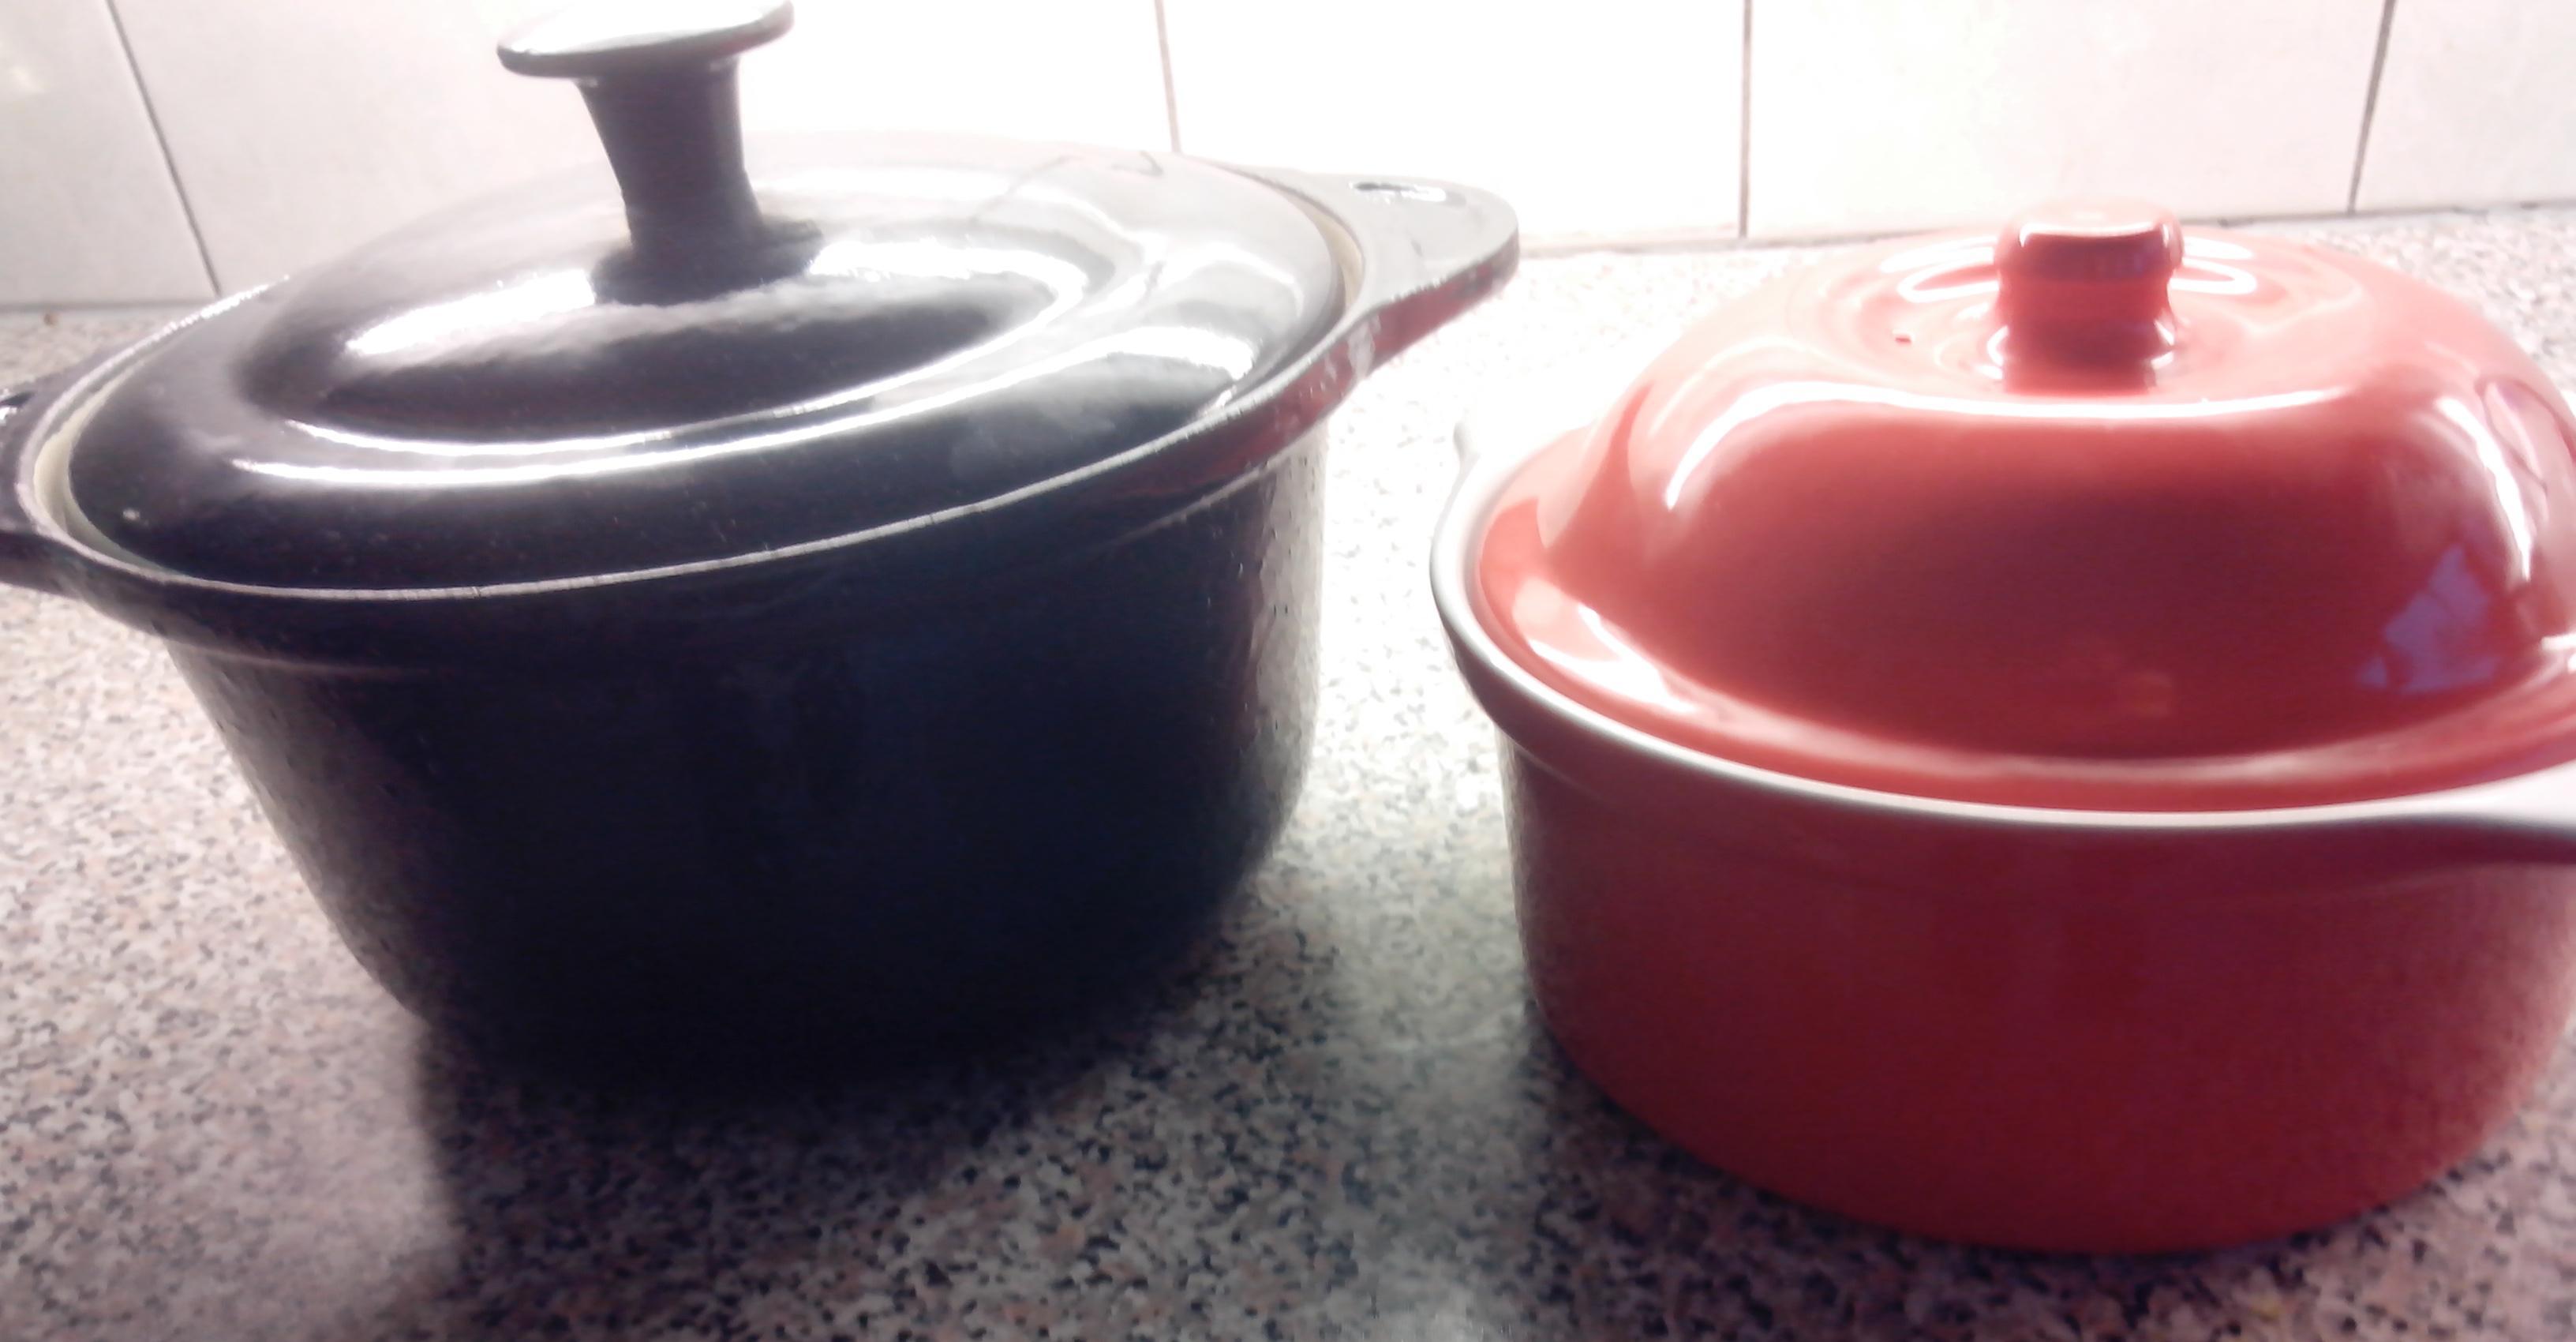 Nieuwe pannen - Gietijzeren braadpan - Van je familie moet je het hebben